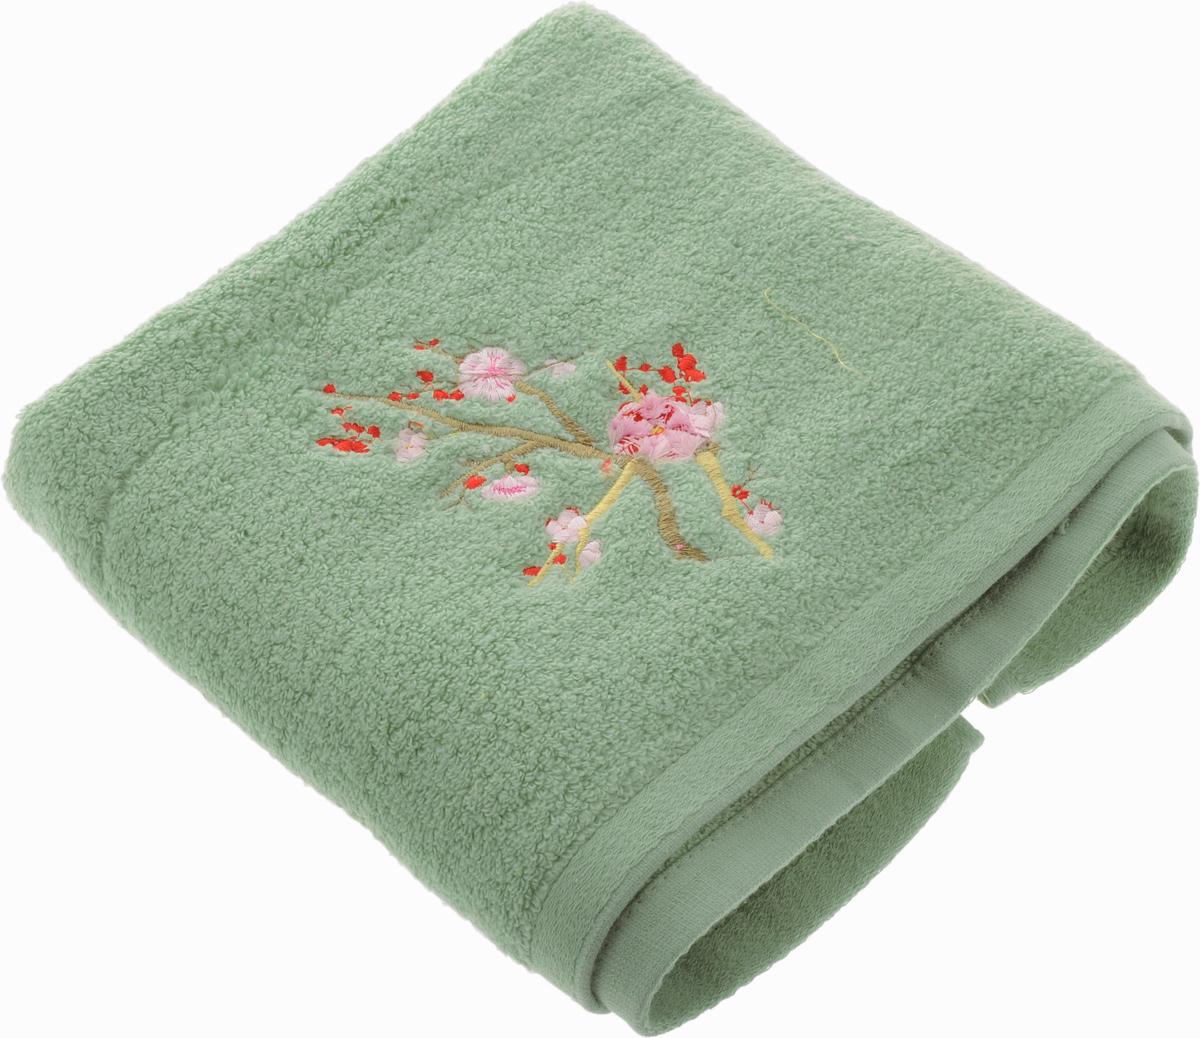 Полотенце Soavita Spring, цвет: светло-зеленый, 50 х 90 см63986Полотенце Soavita Spring выполнено из 100% хлопка. Изделие отлично впитывает влагу, быстро сохнет, сохраняет яркость цвета и не теряет форму даже после многократных стирок. Полотенце очень практично и неприхотливо в уходе. Оно создаст прекрасное настроение и украсит интерьер в ванной комнате.